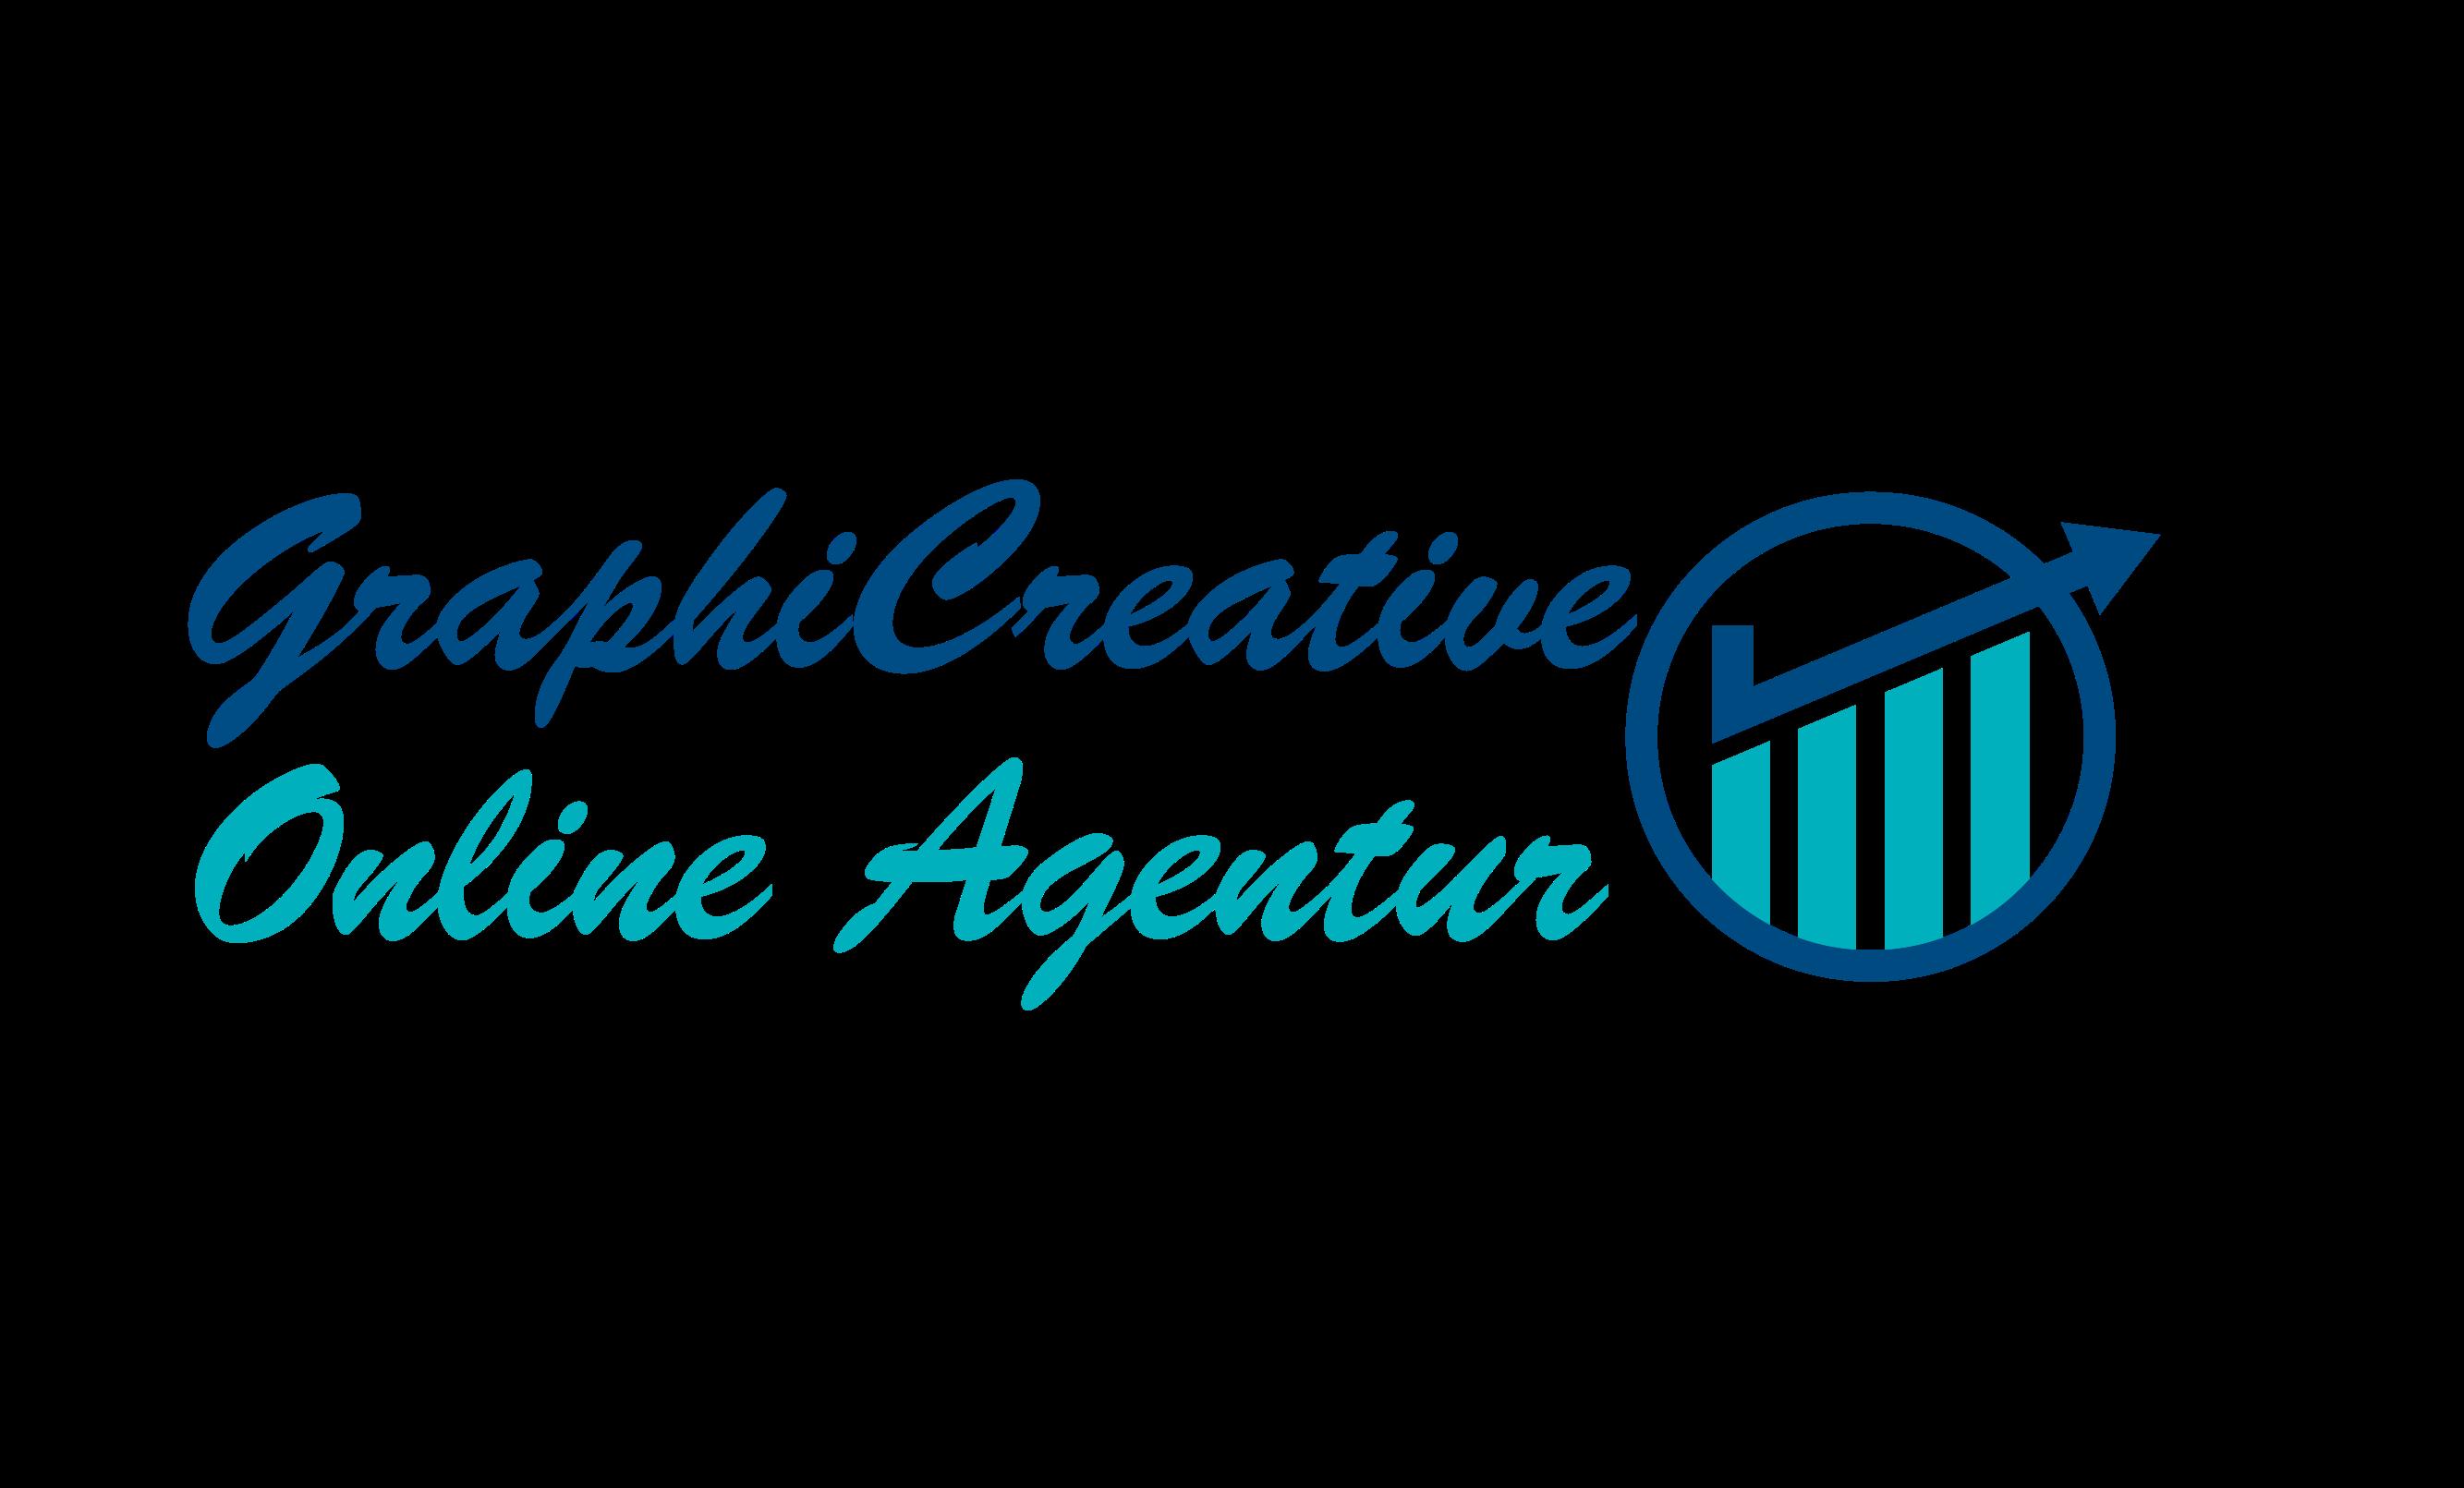 Graphicreative Online Agentur